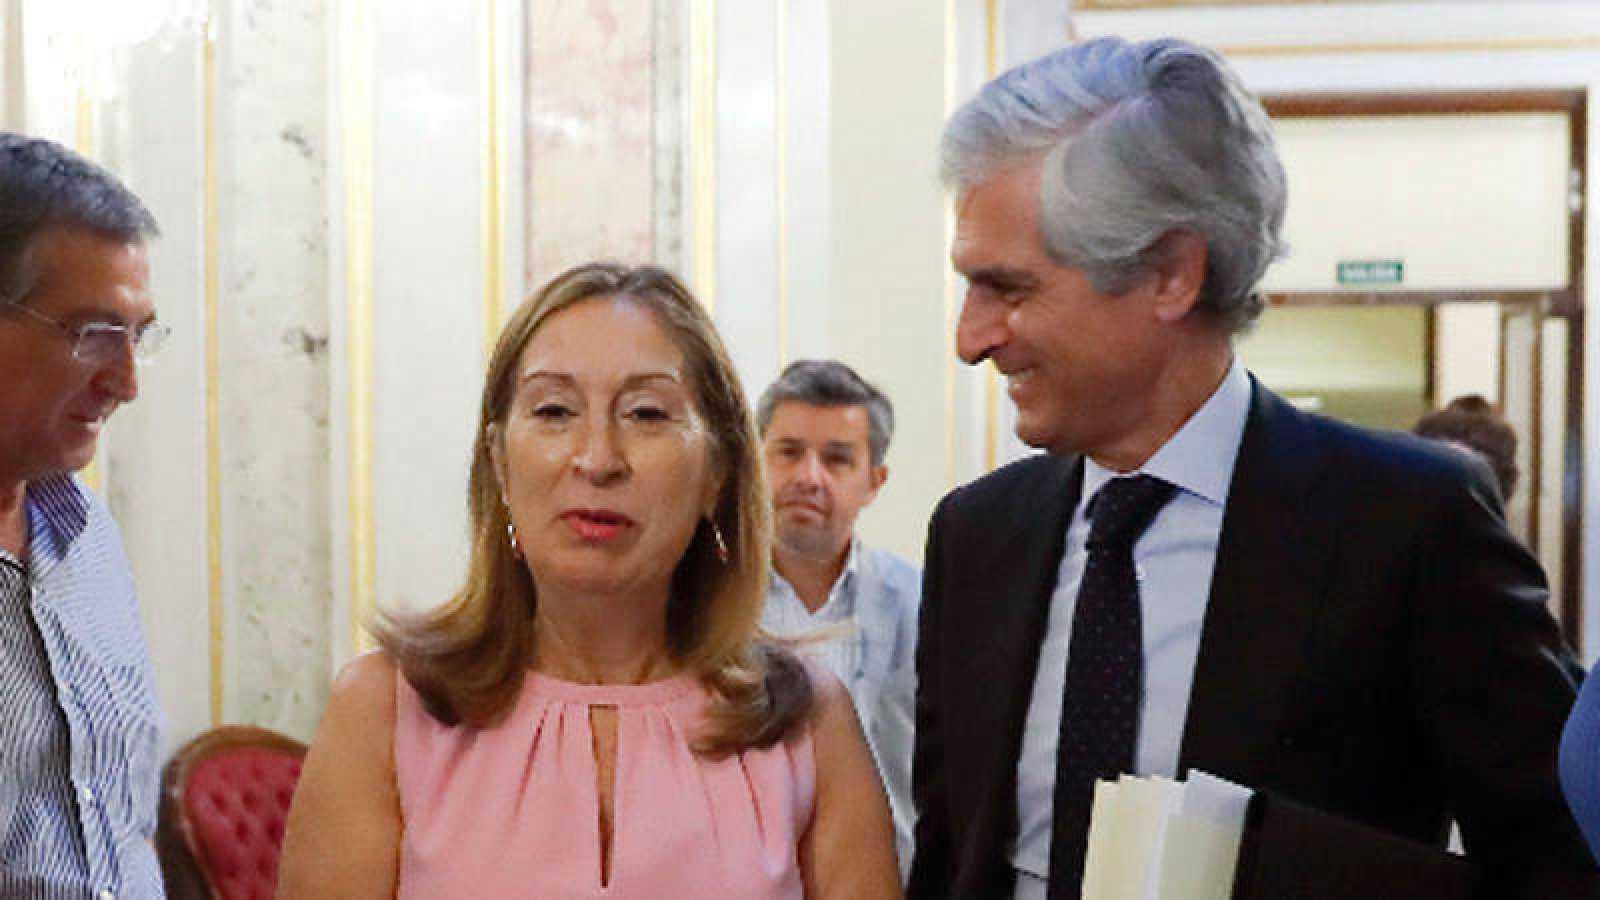 Ana Pastory Adolfo Suárez Illana en el Congreso de los Diputados